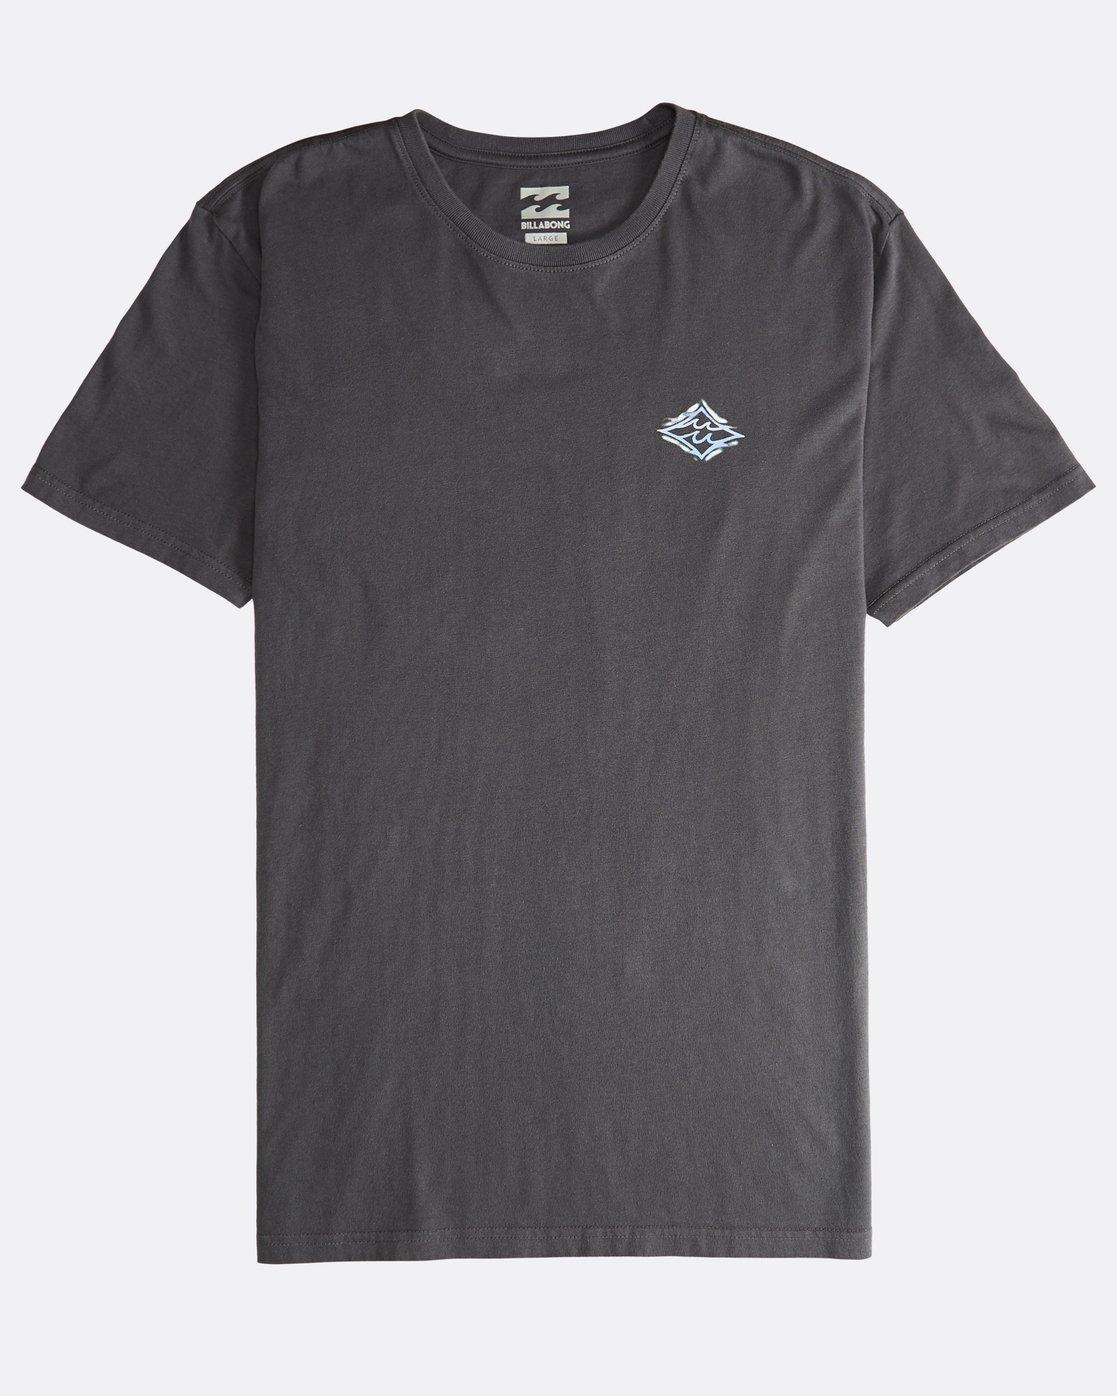 acquista originale La migliore vendita del 2019 moda di lusso Vapor Dream - Maglietta a Maniche Corte da Uomo